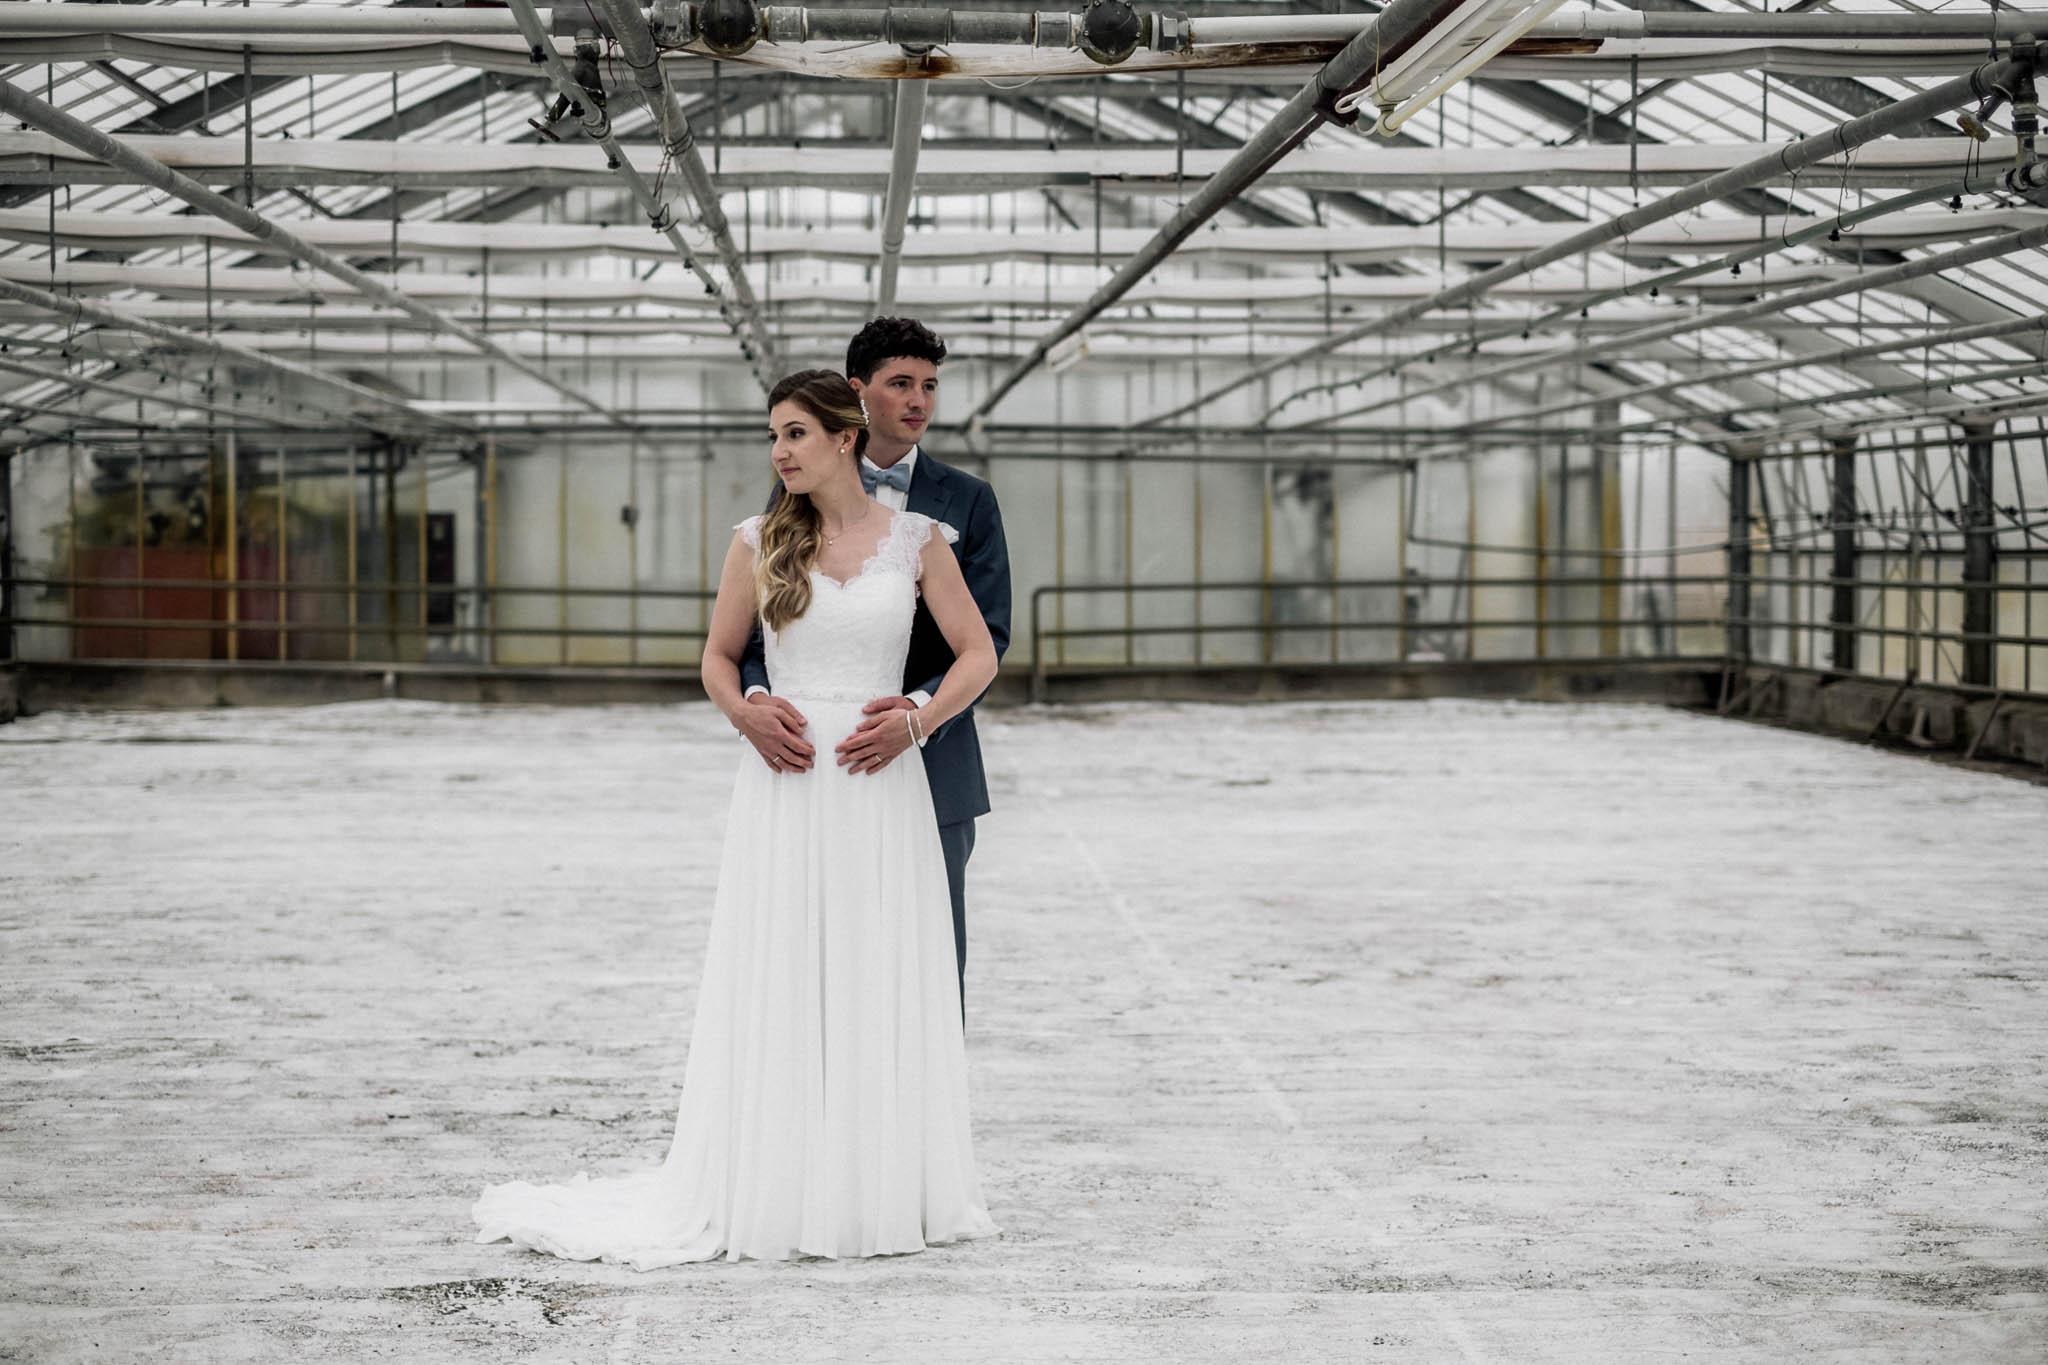 Hochzeitsfieber by Photo-Schomburg, Hochzeitsfotograf, Hamburg, Hochzeitsbilder, Braut, Brautpaar, Bräutigam, Zollenspieker Fährhaus-90